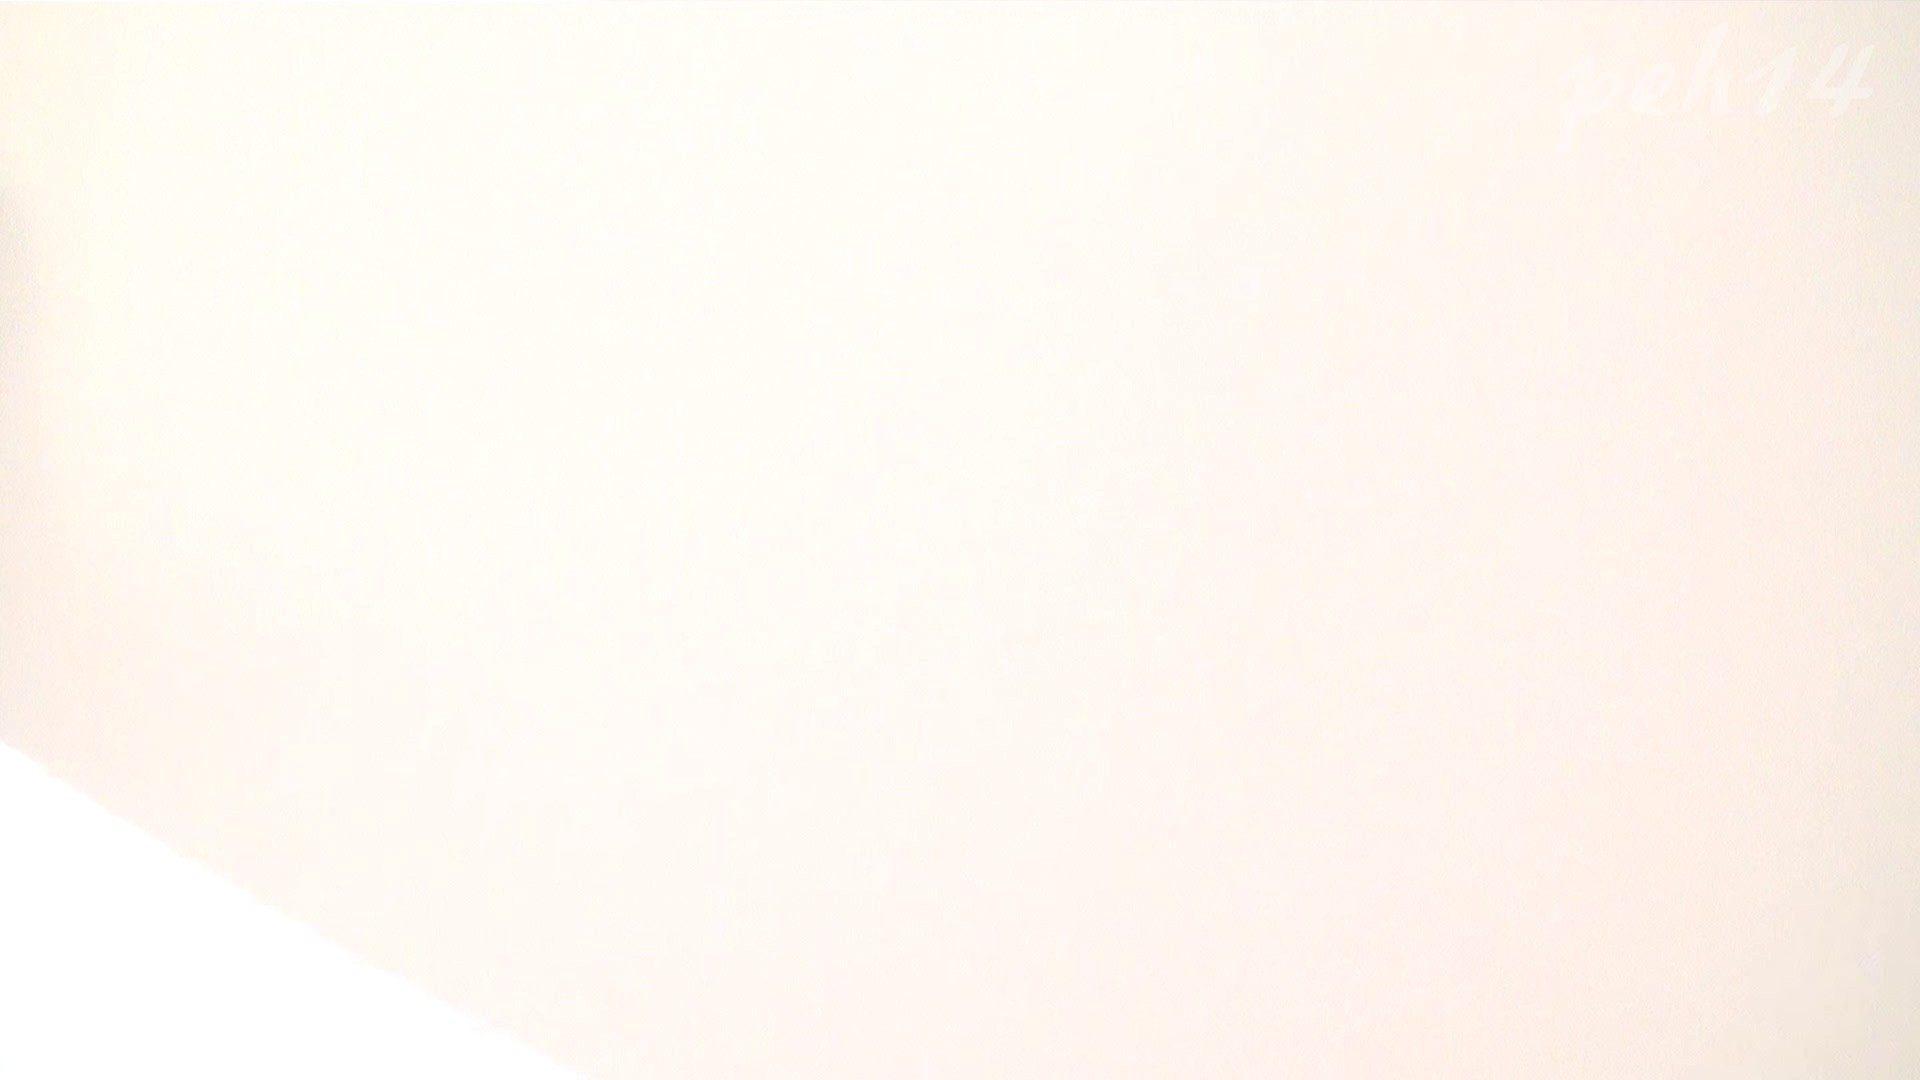 ※100個限定販売 至高下半身盗撮 プレミアム Vol.14 ハイビジョン お姉さん   洗面所  105画像 19